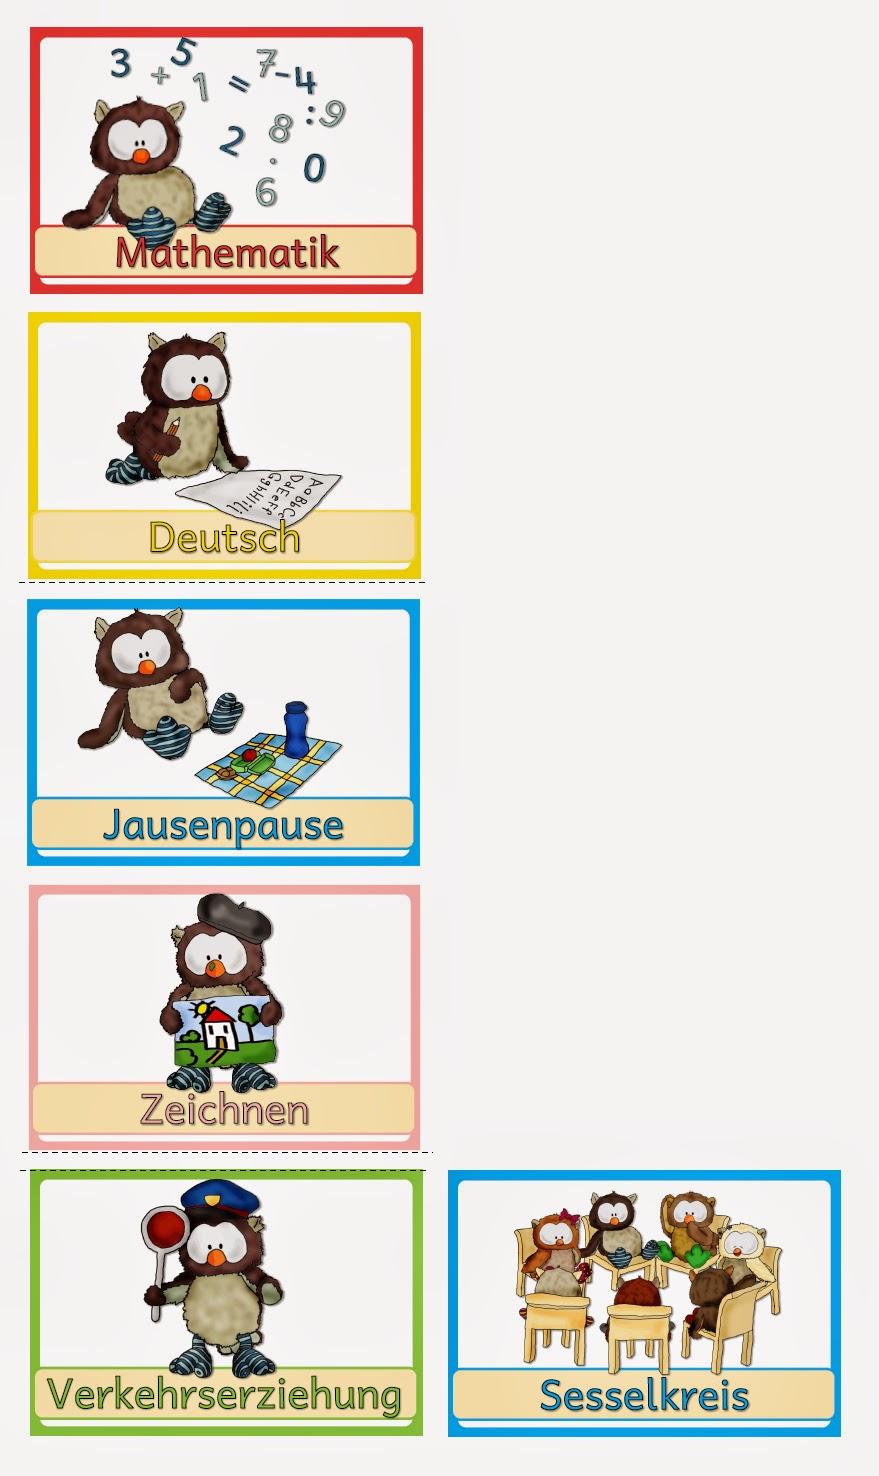 Krabbelwiese Im Ruhemodus Egons Klassenraum Grundschule Klassenraum Unterrichtsmaterial